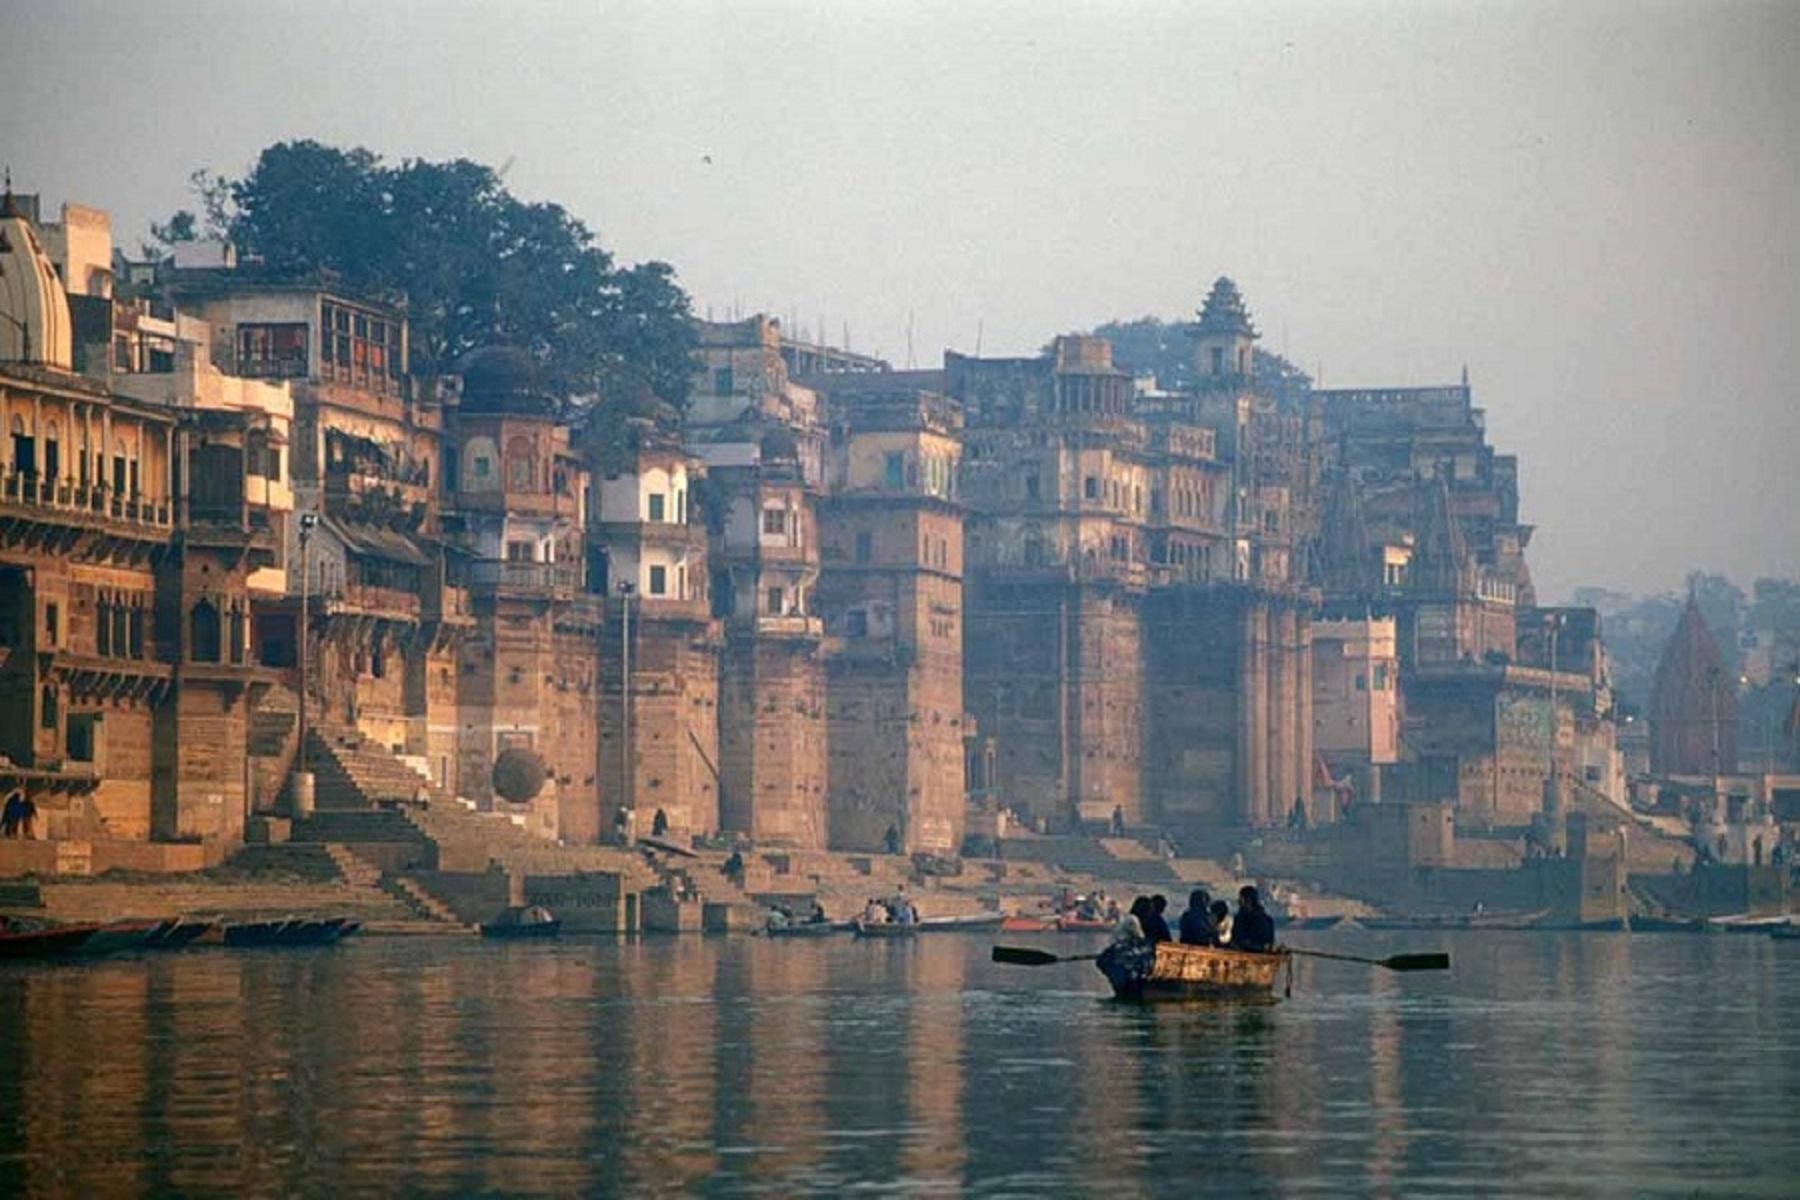 Covid Ινδία: Τα περιστατικά και οι θάνατοι αυξάνονται καθώς τα σώματα ξεπλένονται στον Γάγγη